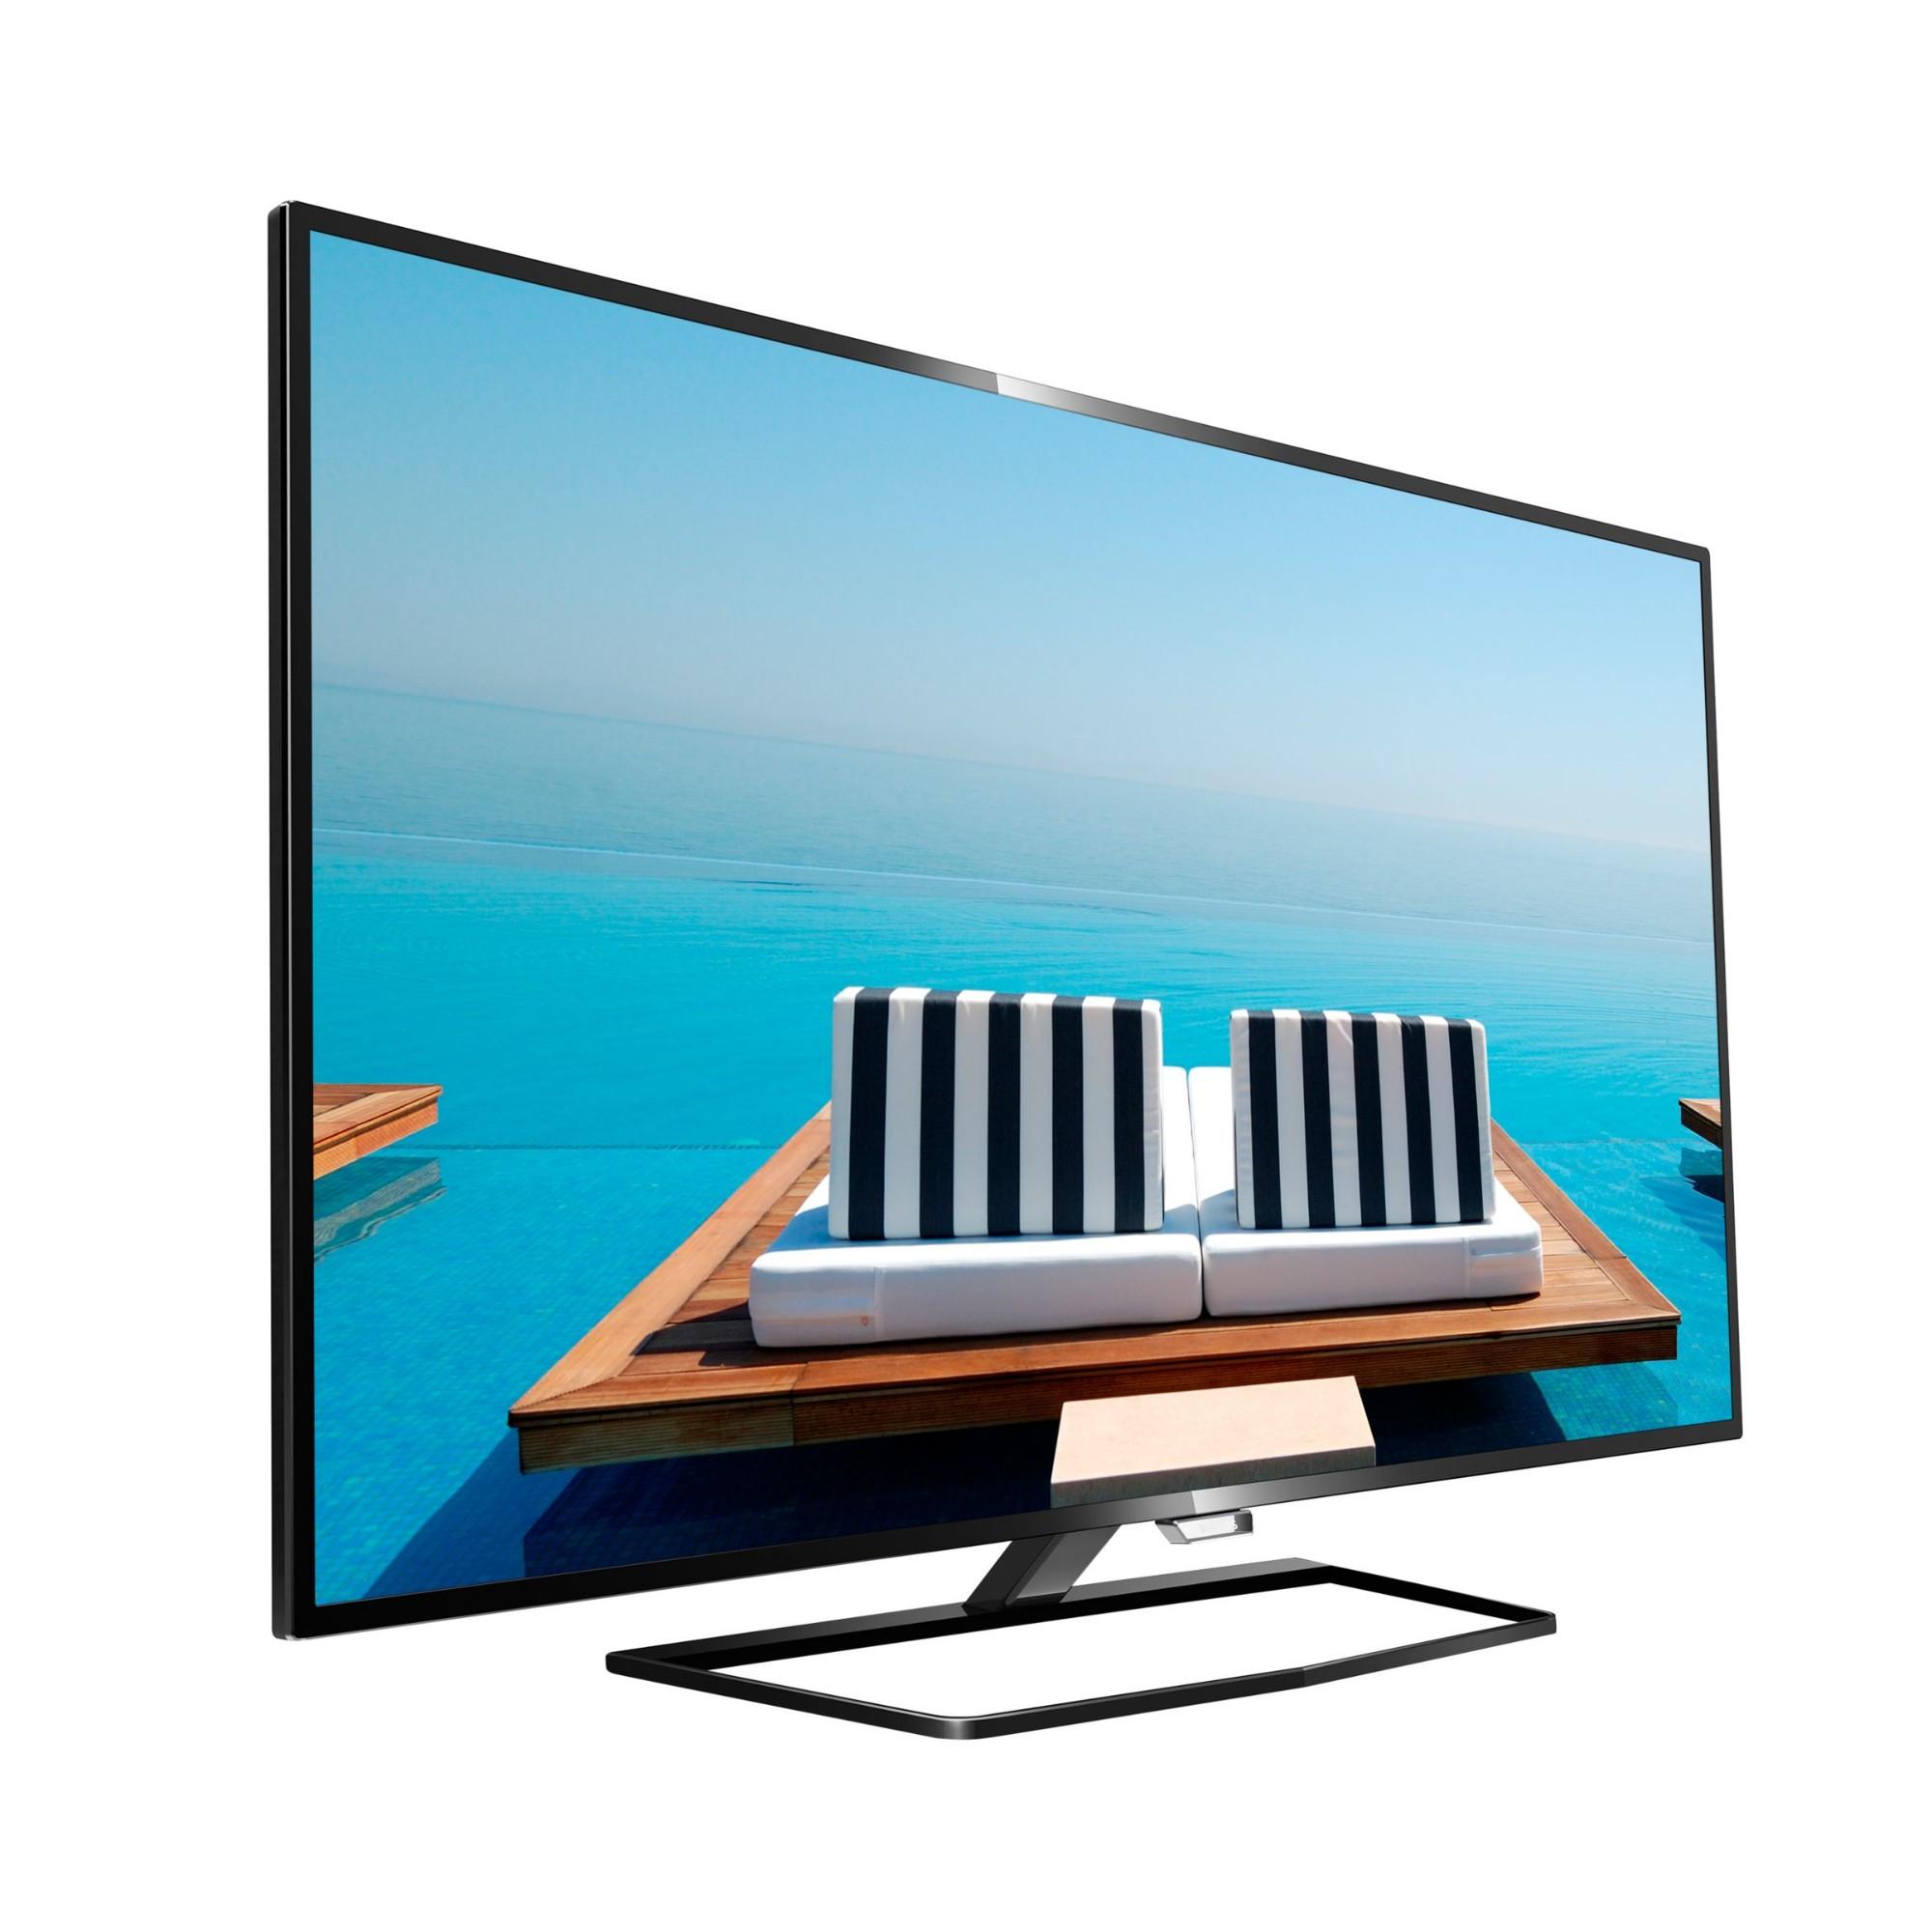 """Philips 40HFL5010L/12 40"""" Full HD Smart TV Wi-Fi Black LED TV"""